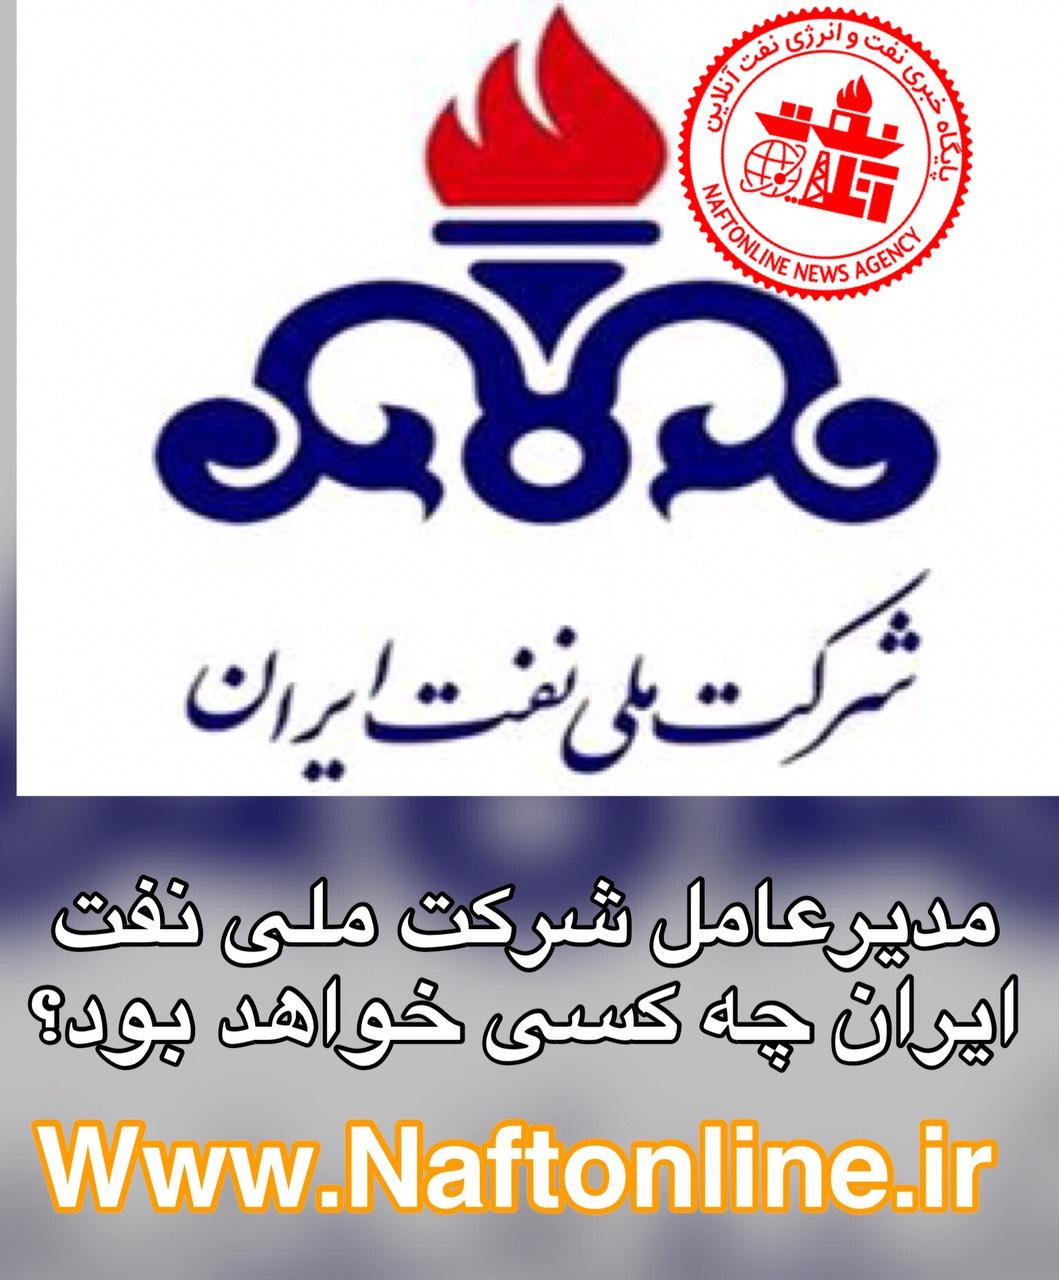 مدیرعامل شرکت ملی نفت ایران چه کسی خواهد بود؟